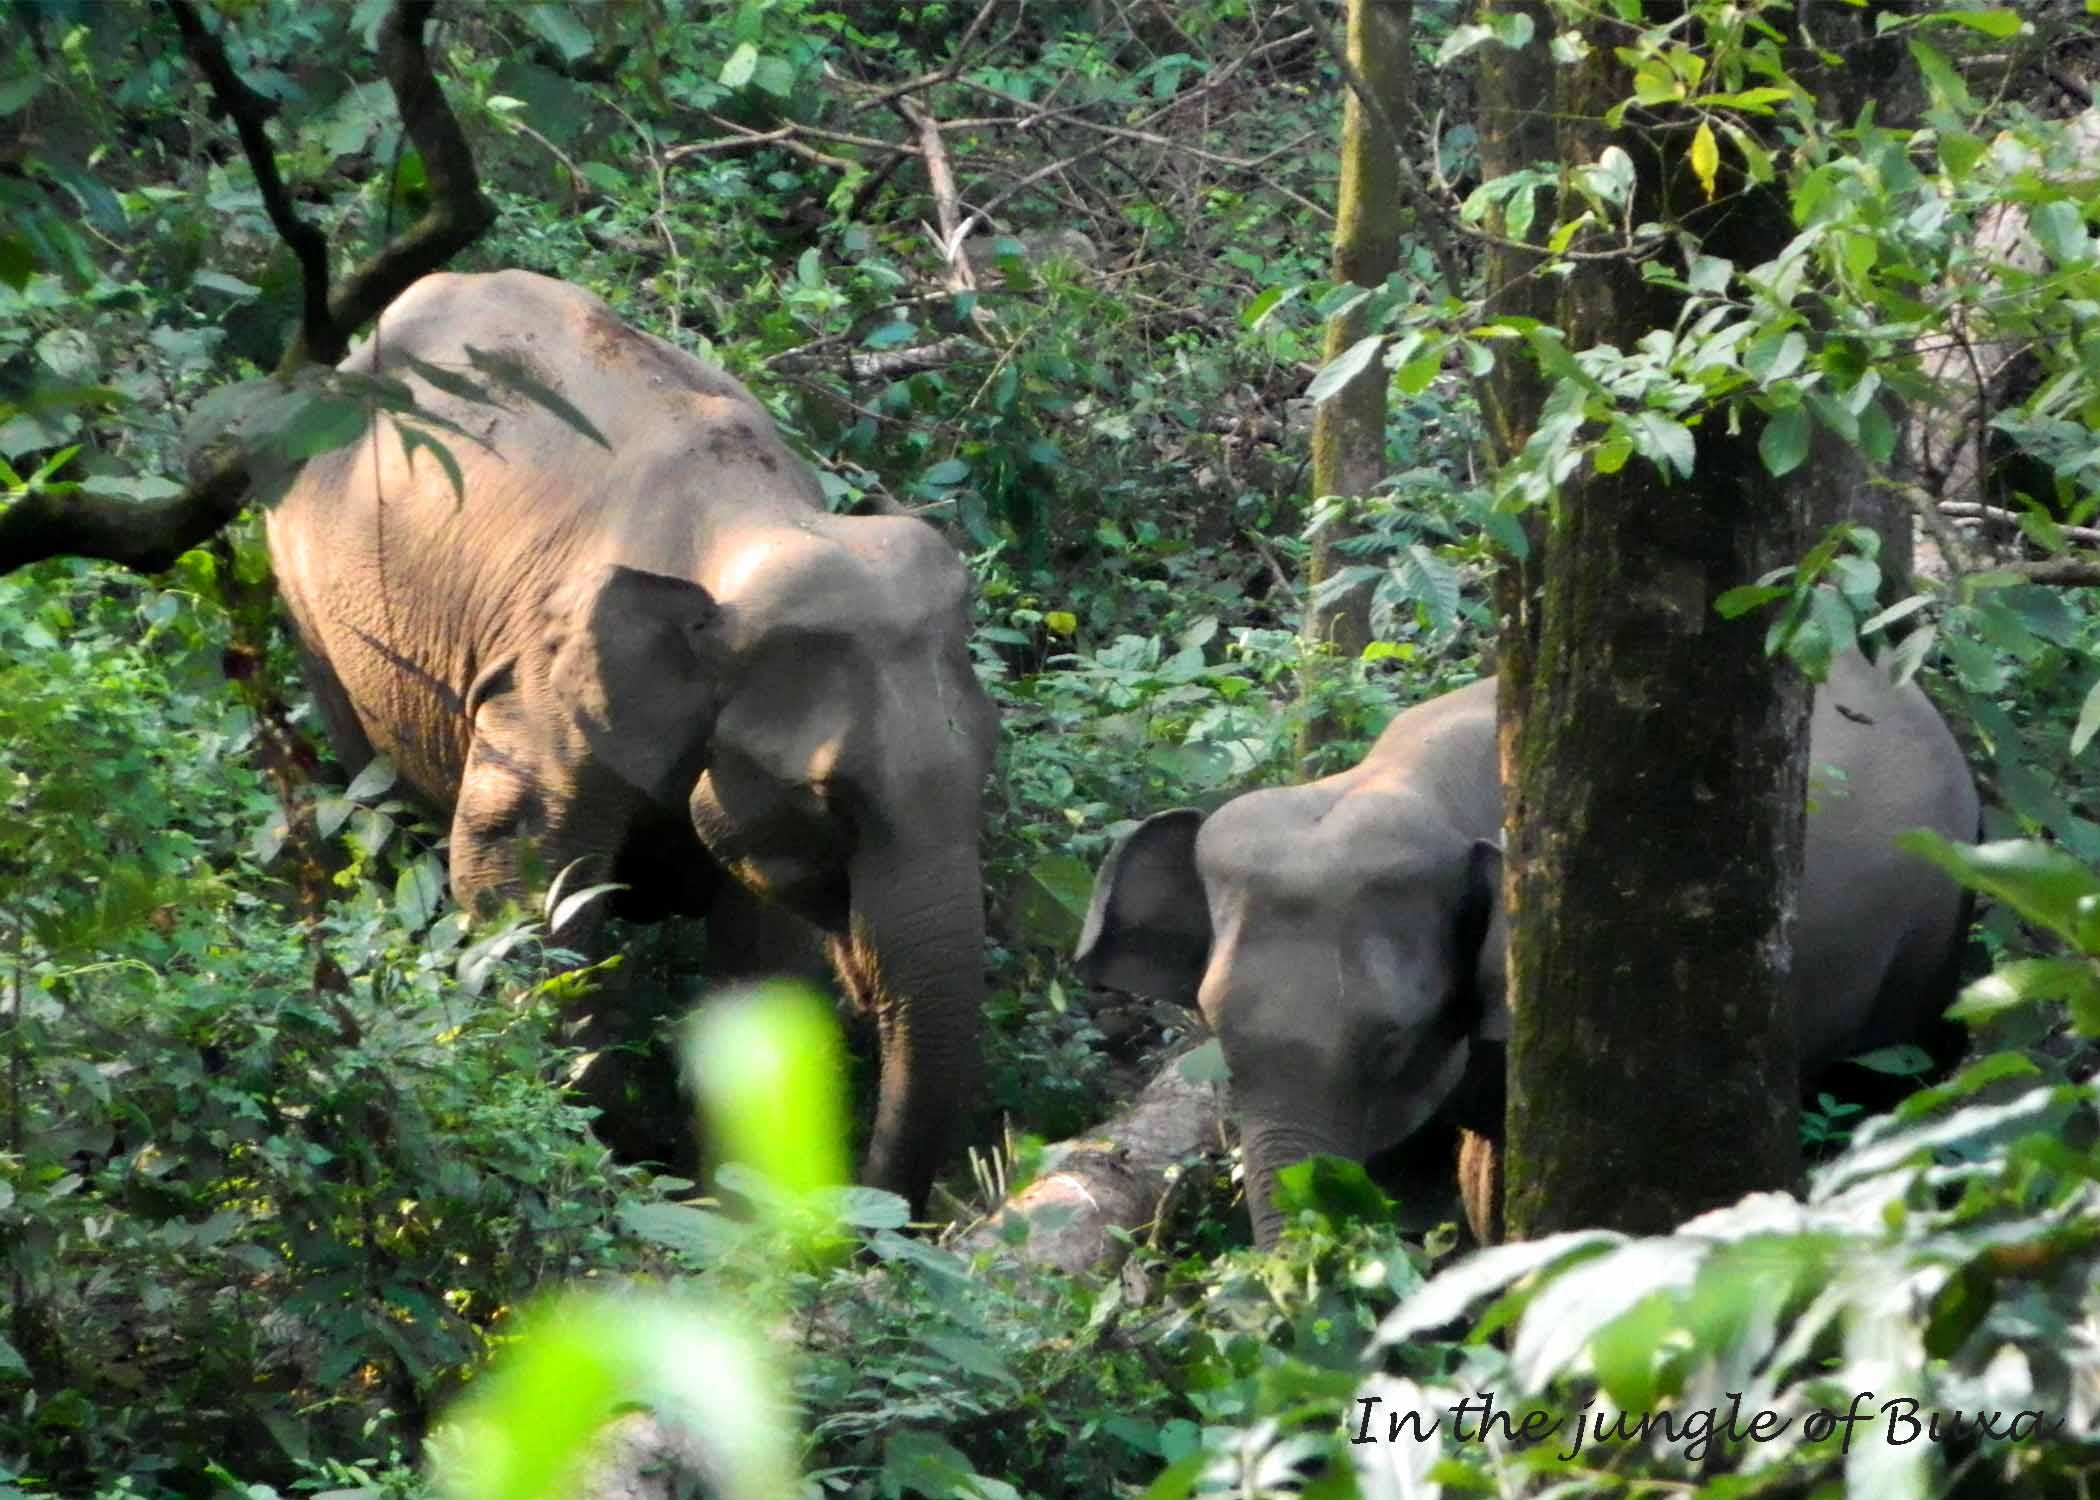 Elephants in buxa photo